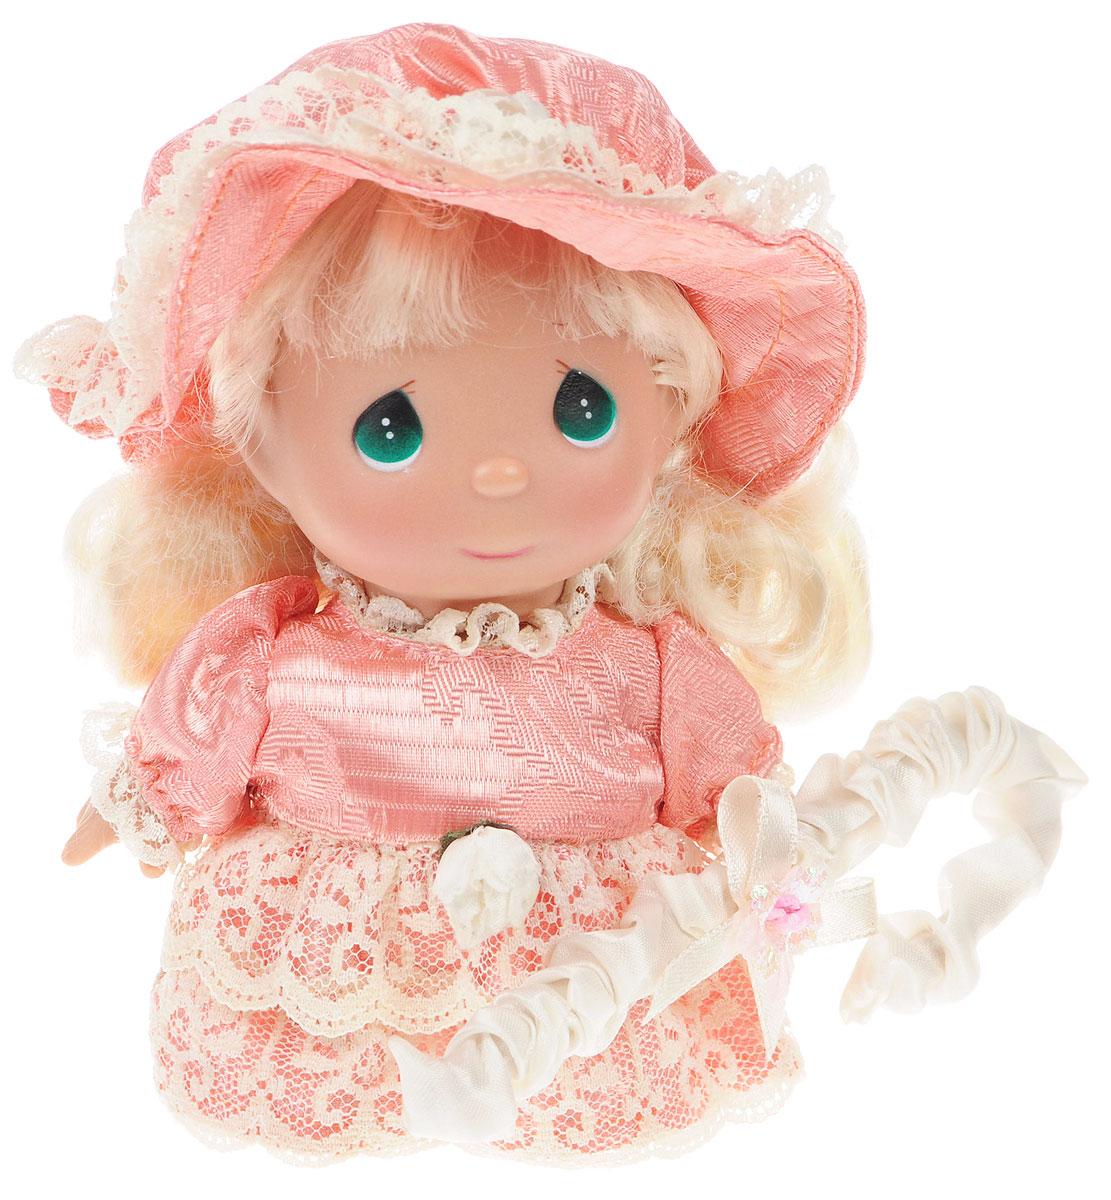 Precious Moments Мини-кукла Пастушка цвет платья светло-коралловый5399Какие же милые эти куколки Precious Moments. Создатель этих очаровательных крошек настоящая волшебница - Линда Рик - оживила свои творения, каждая кукла обрела свой милый и неповторимый образ. Эти крошки могут сопровождать вас в чудесных странствиях и сделать каждый момент вашей жизни незабываемым! Мини-кукла Пастушка одета в шикарное платье с кружевами. На голове шляпка. У куколки большие зеленые глаза и длинные светлые волосы. Такая куколка очарует вас и вашу дочурку с первого взгляда! Благодаря играм с куклой, ваша малышка сможет развить фантазию и любознательность, овладеть навыками общения и научиться ответственности.